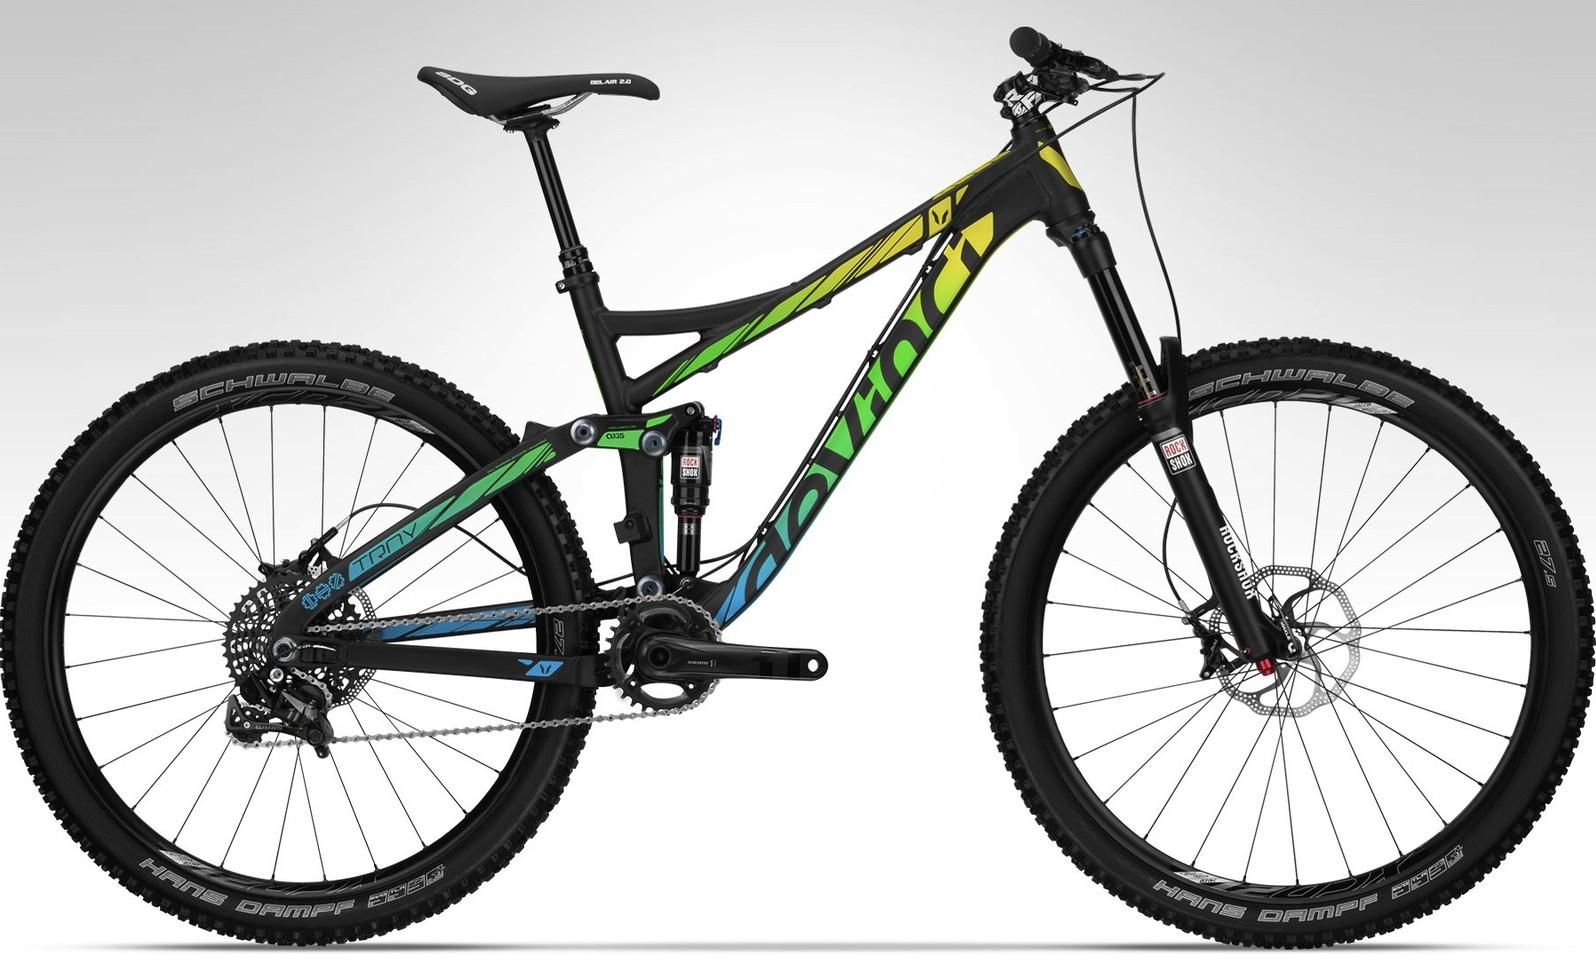 Devinci TROY SX bike